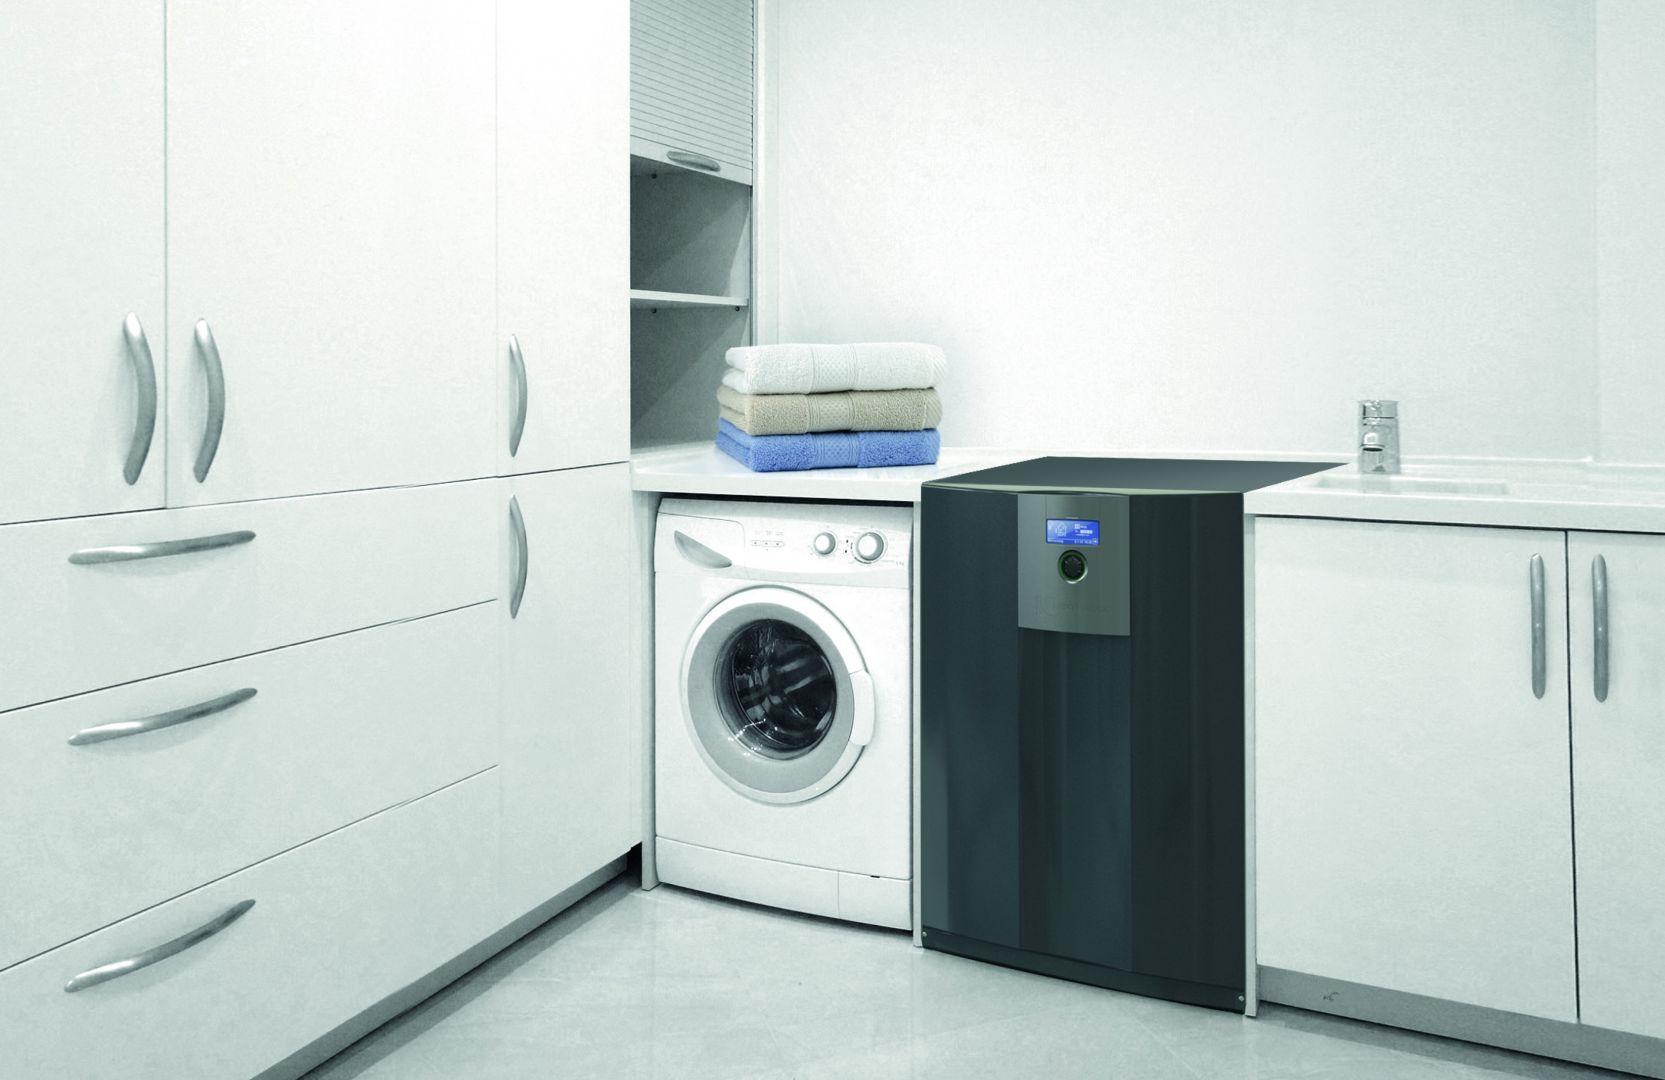 Gruntowa pompa ciepła Alpha Innotec z serii alterra SW o wymiarach pralki z powodzeniem zastąpi piec lub kocioł, w bardziej ekologiczny i wydajny sposób. Fot. Hydro-Tech